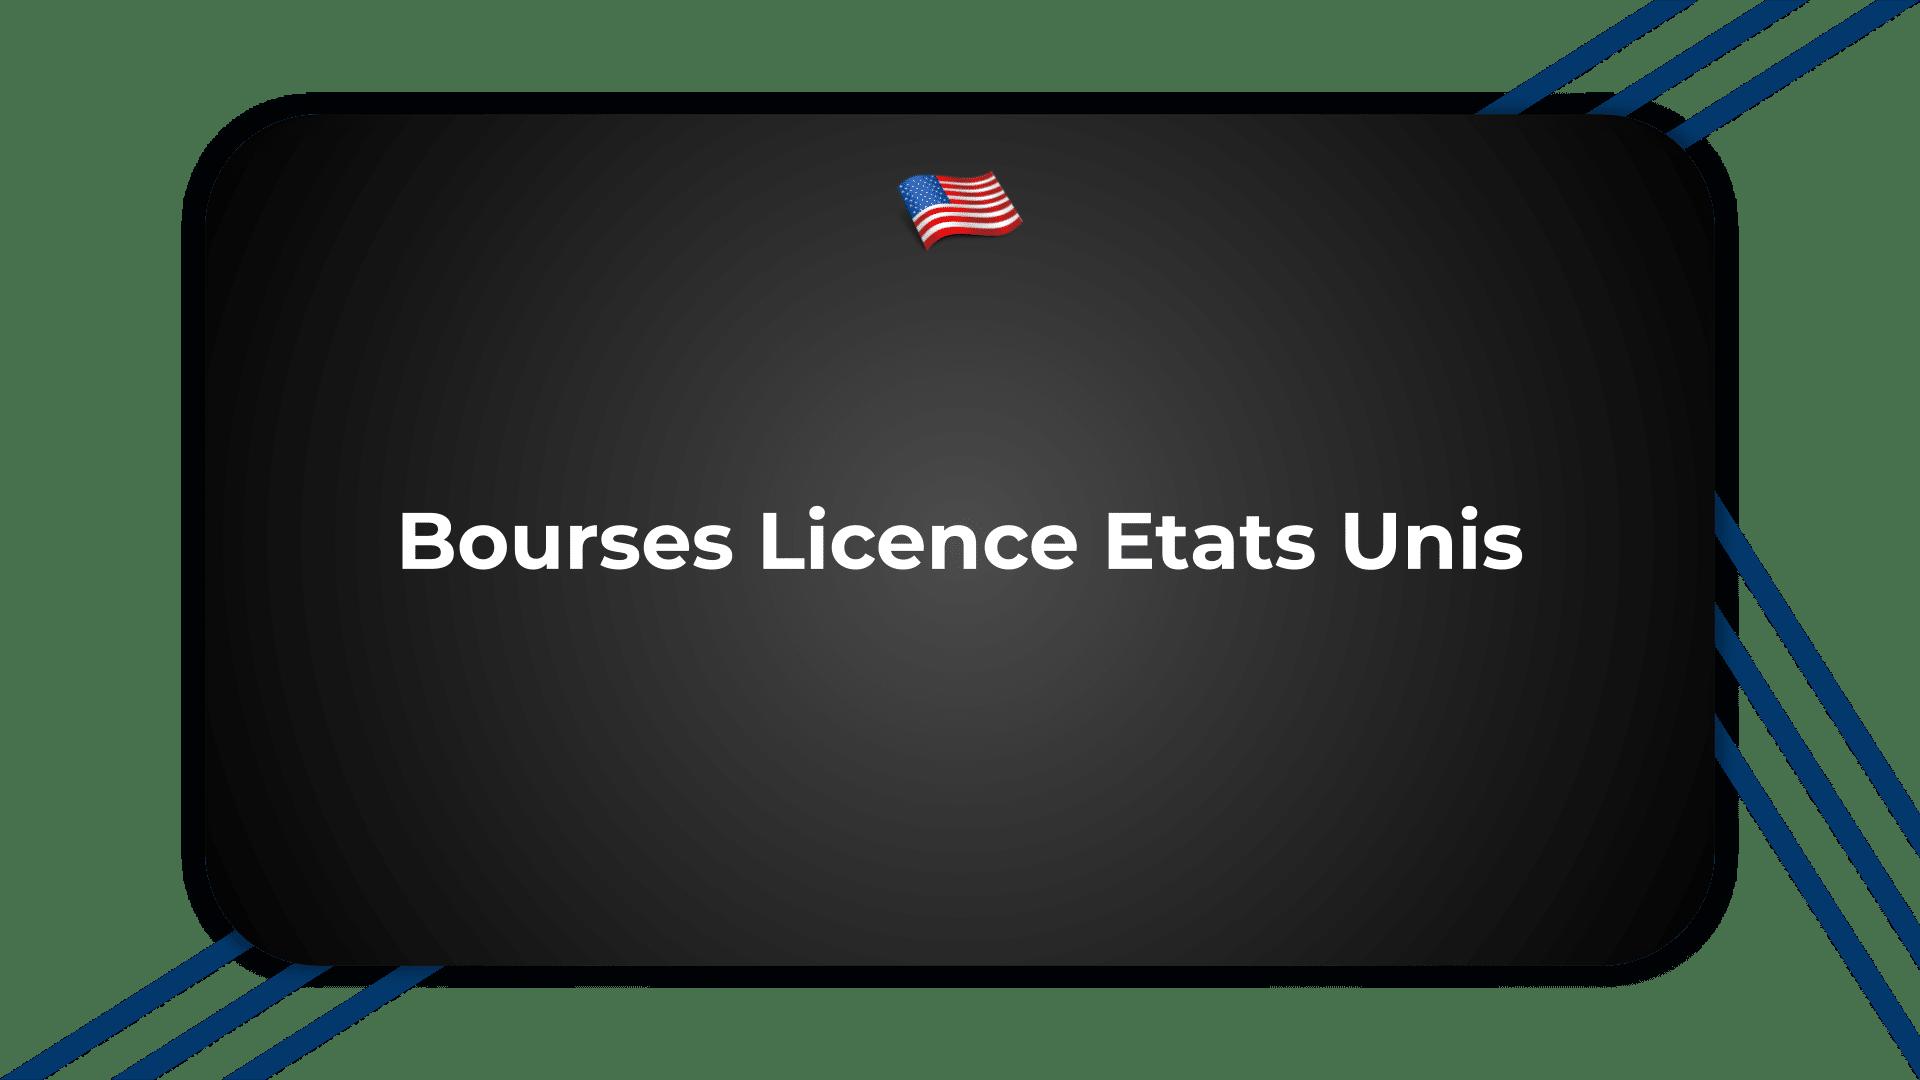 Bourses Licence Etats Unis